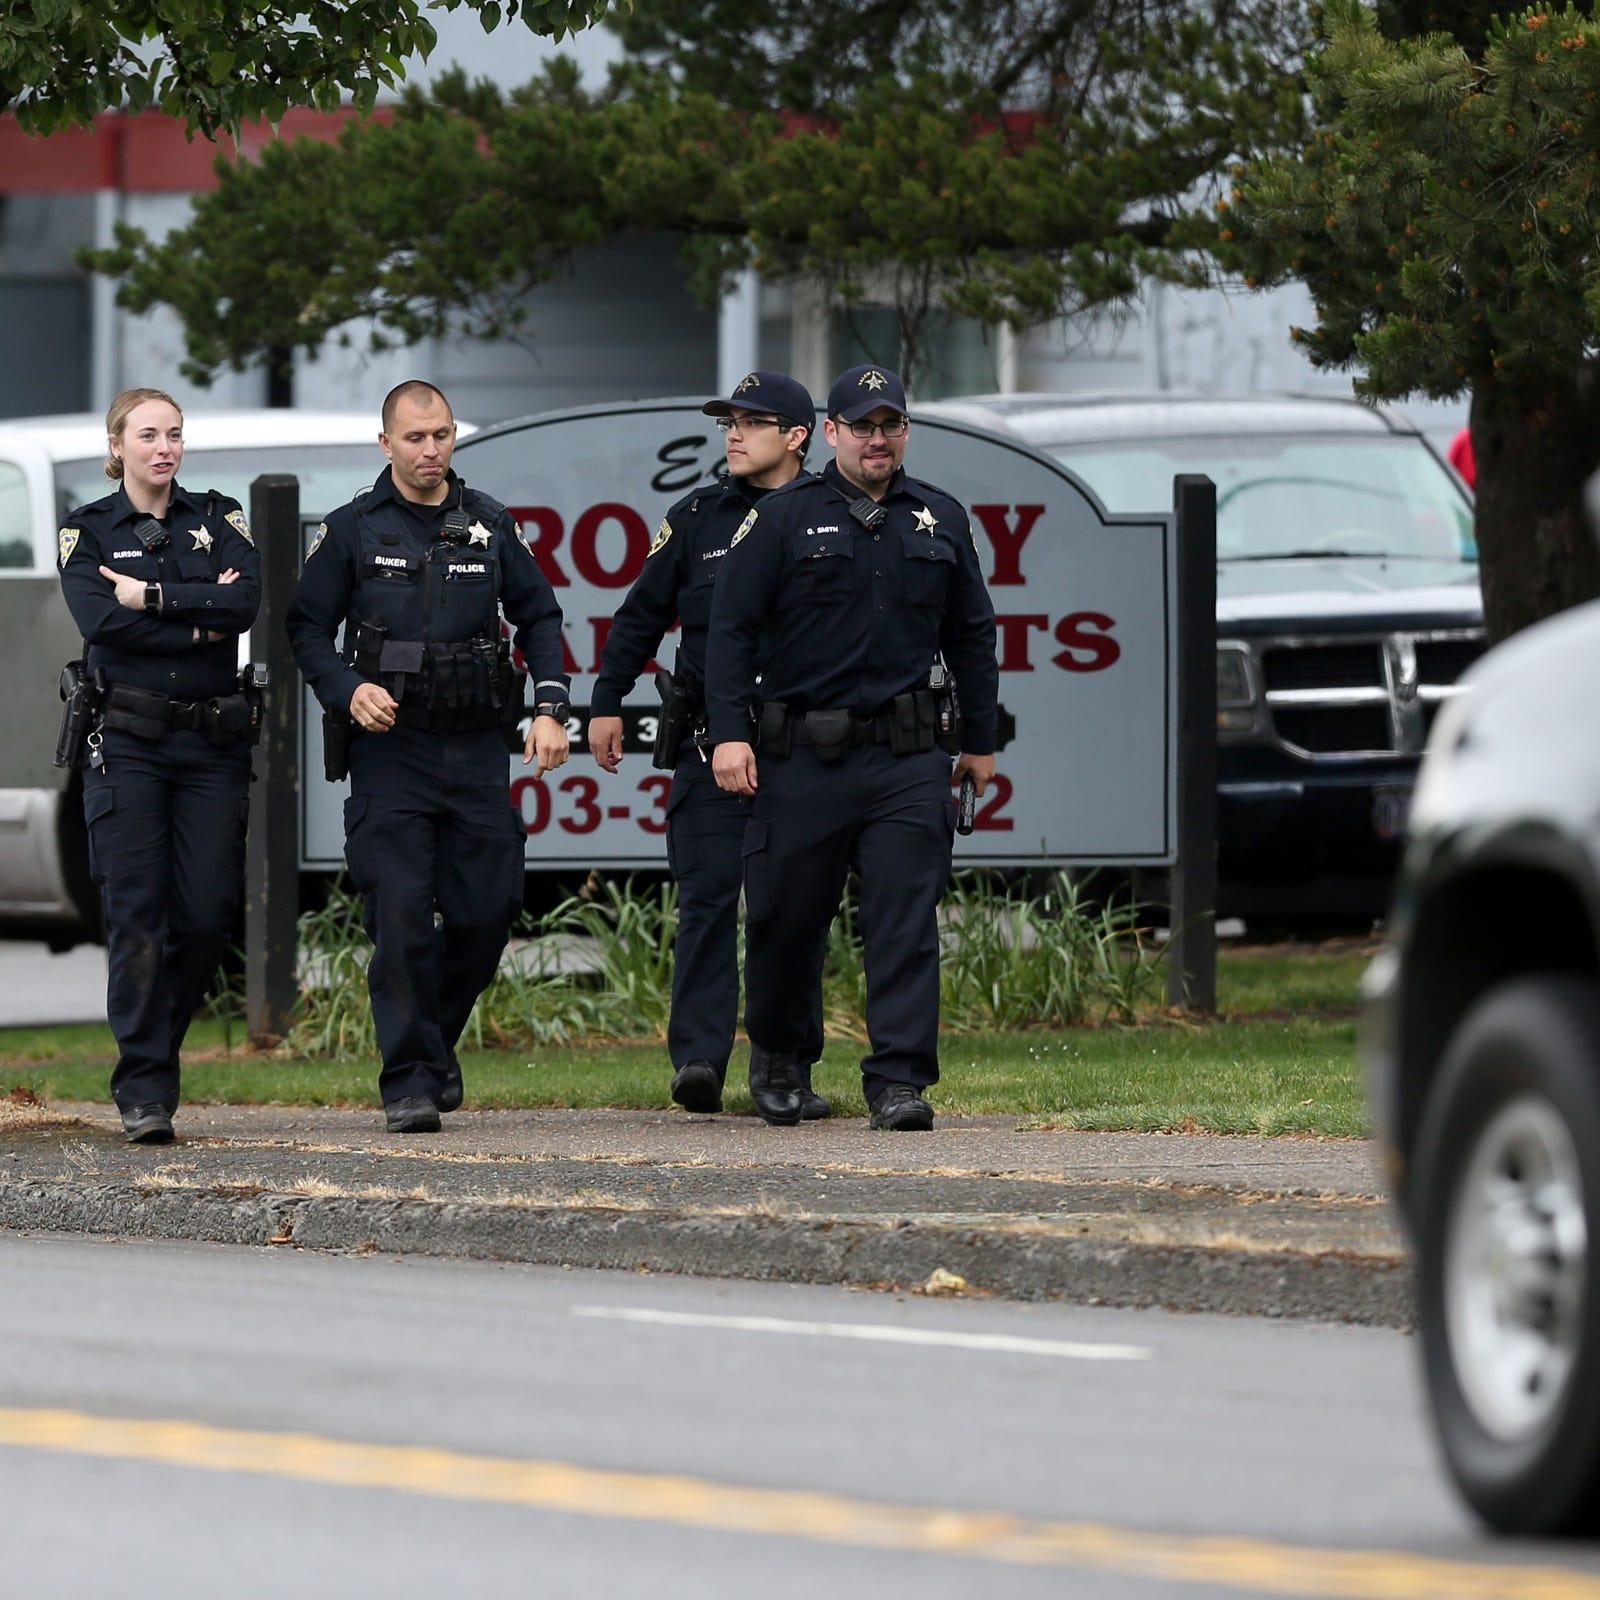 SWAT team apprehends suspect after Salem Police officer shot during traffic stop